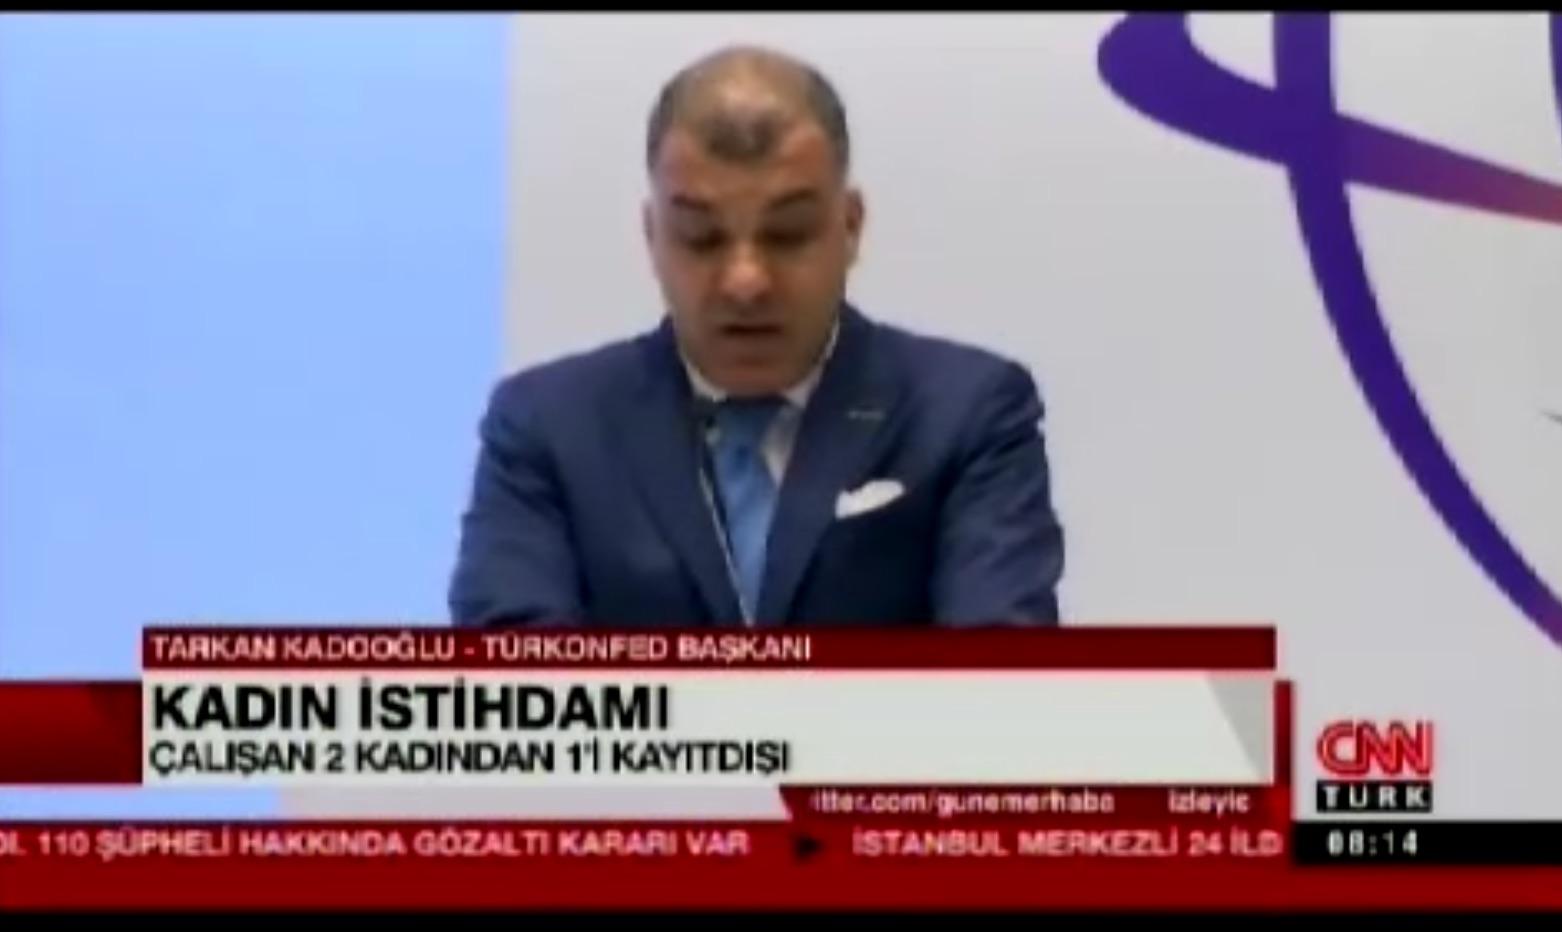 CNN Türk - Sürdürülebilir Kalkınmada Kadının Rolü Zirvesi 20.10.2017